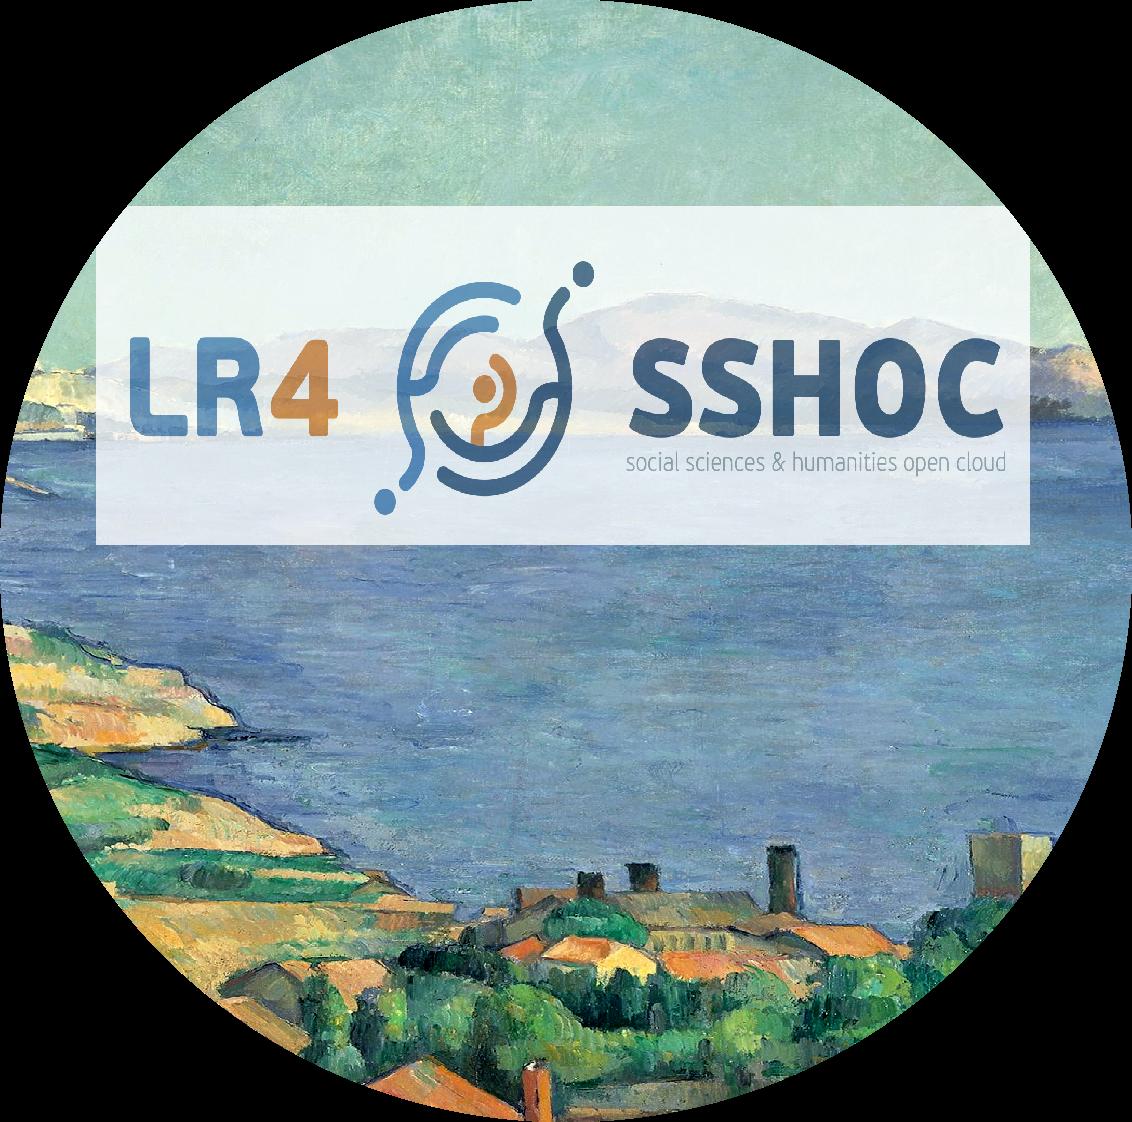 lr4sshoc_circle